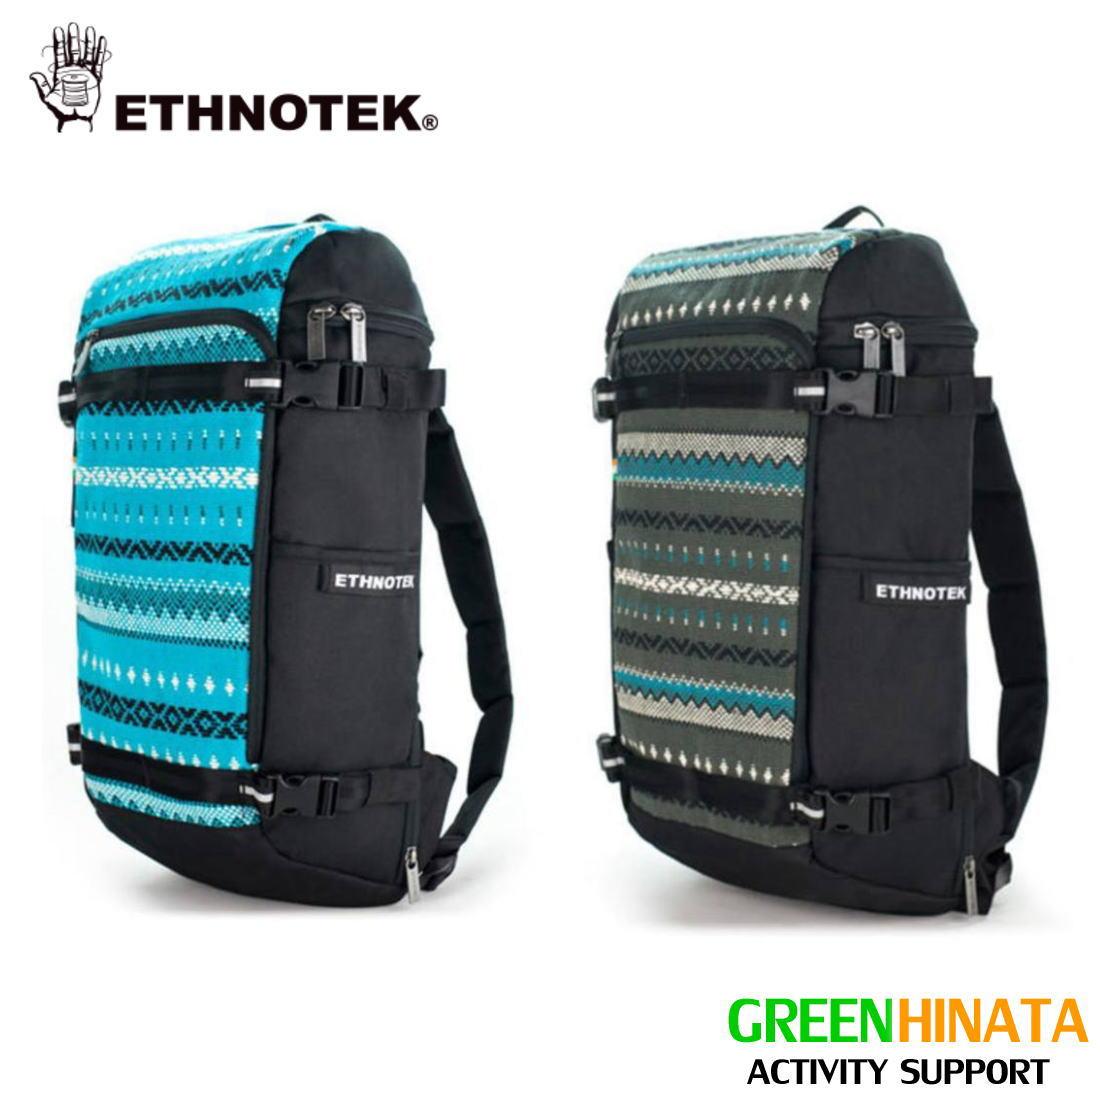 【国内正規品】 エスノテック プレムジパック VIVA CON AGUA リュック ETHNOTEK Premji Pack リュックサック バッグ